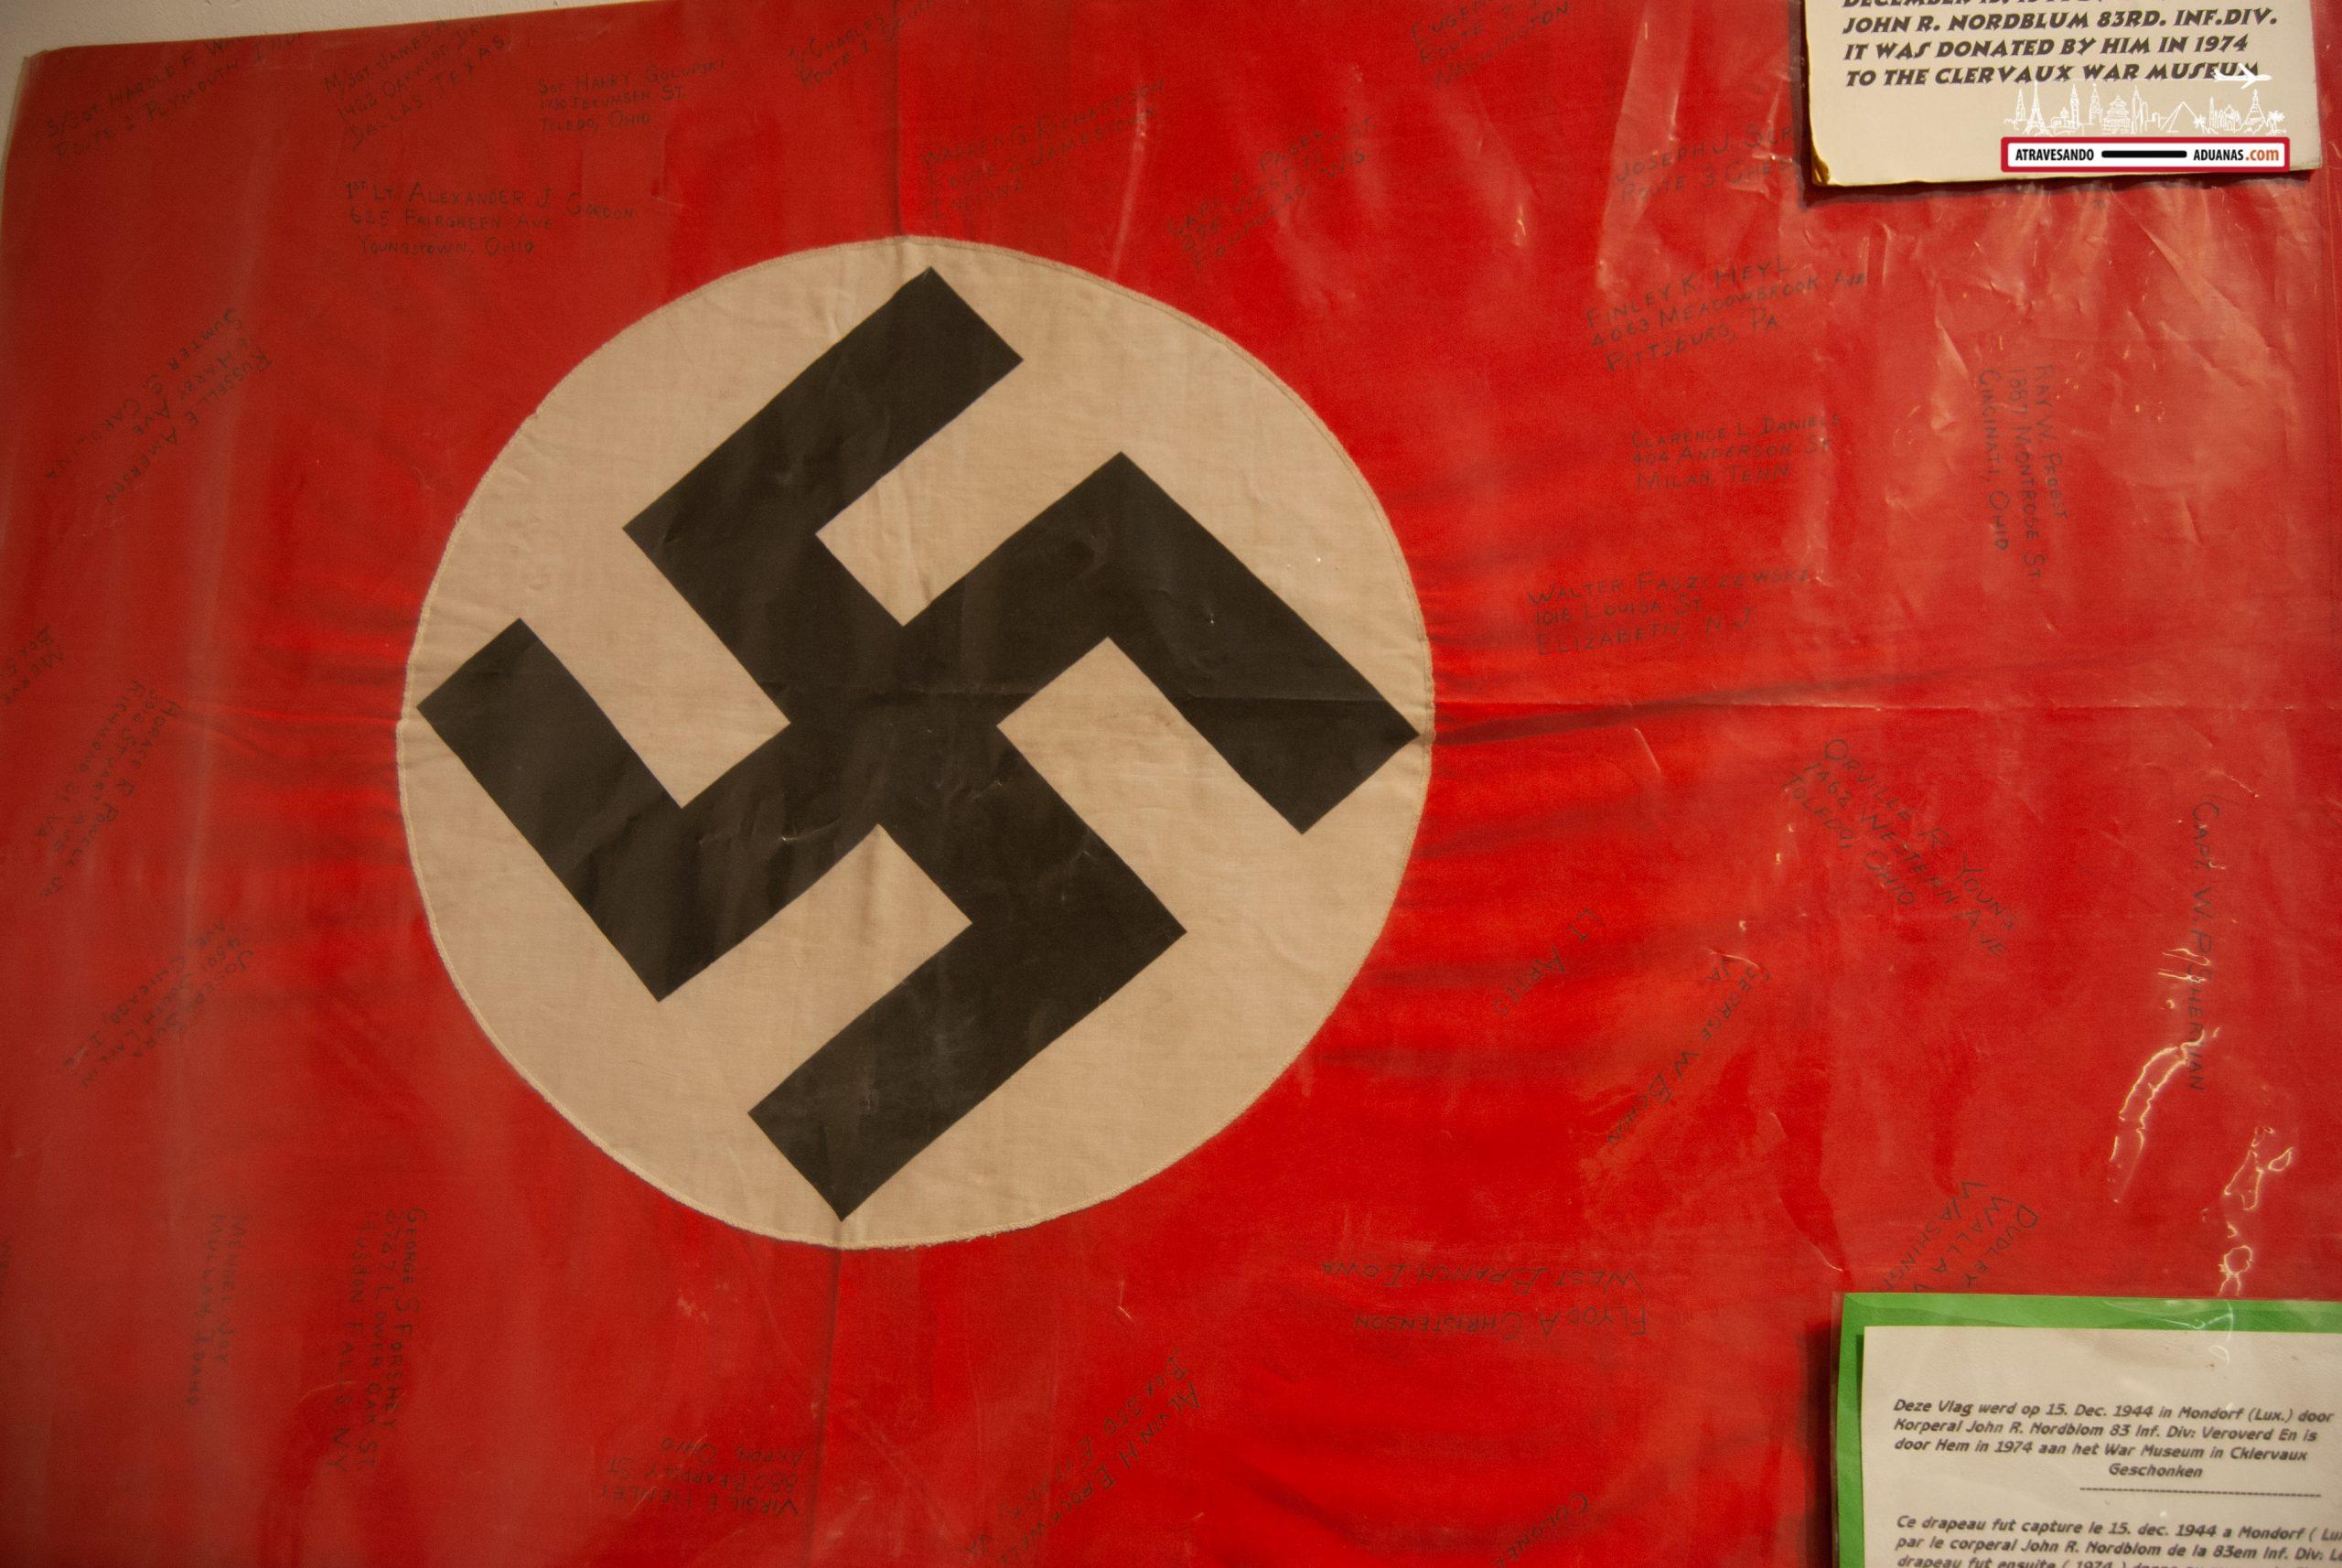 Bandera nazi en el Museo de la Batalla de las Ardenas de Clervaux